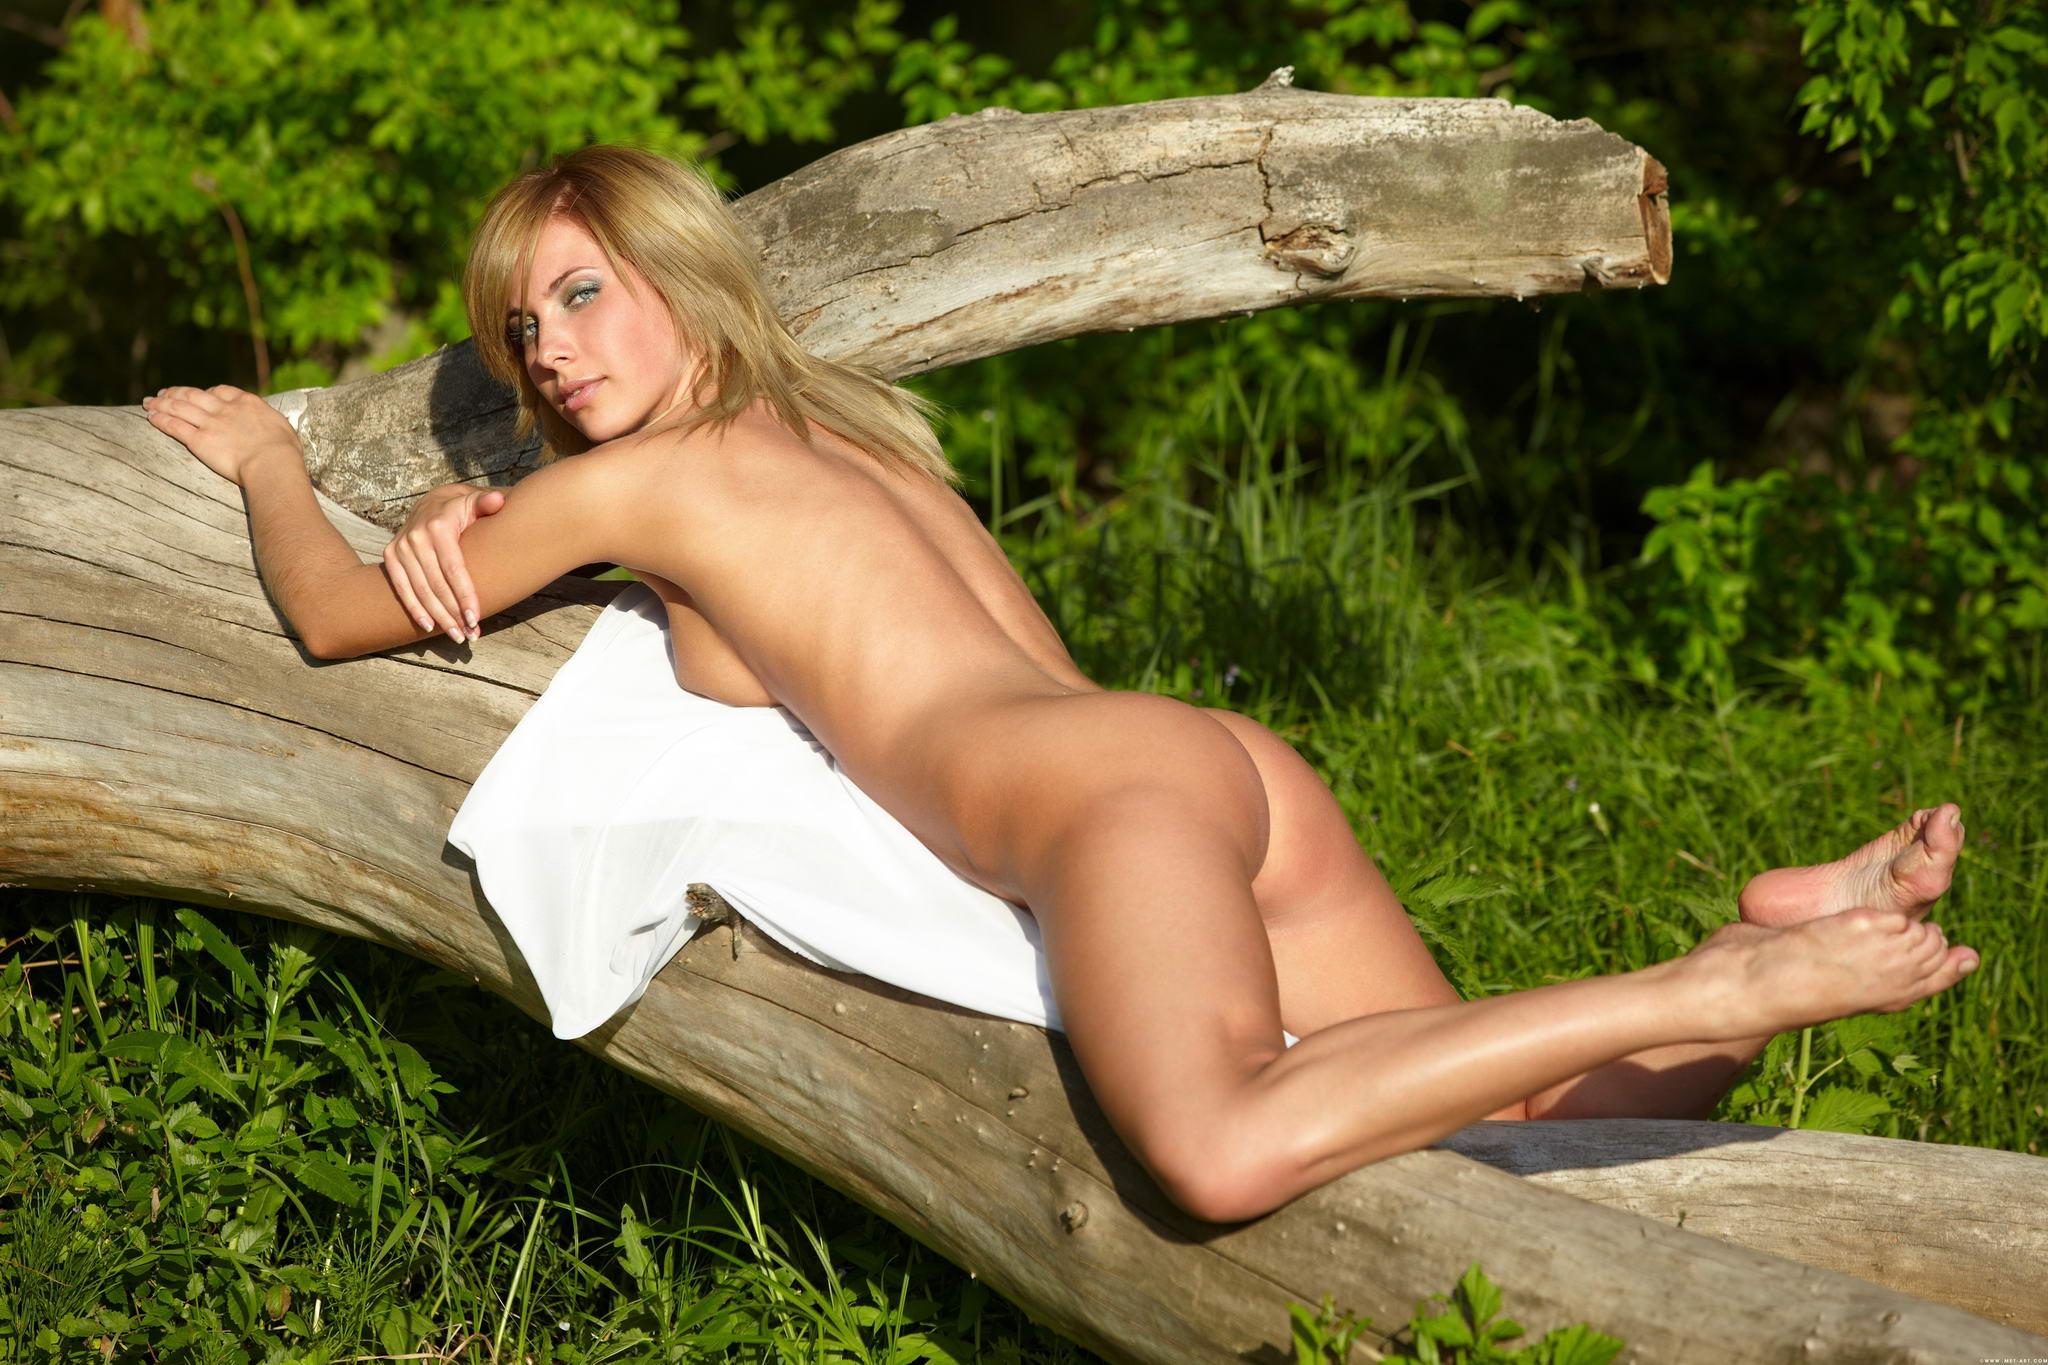 eastern-european-nude-pics-blair-porn-first